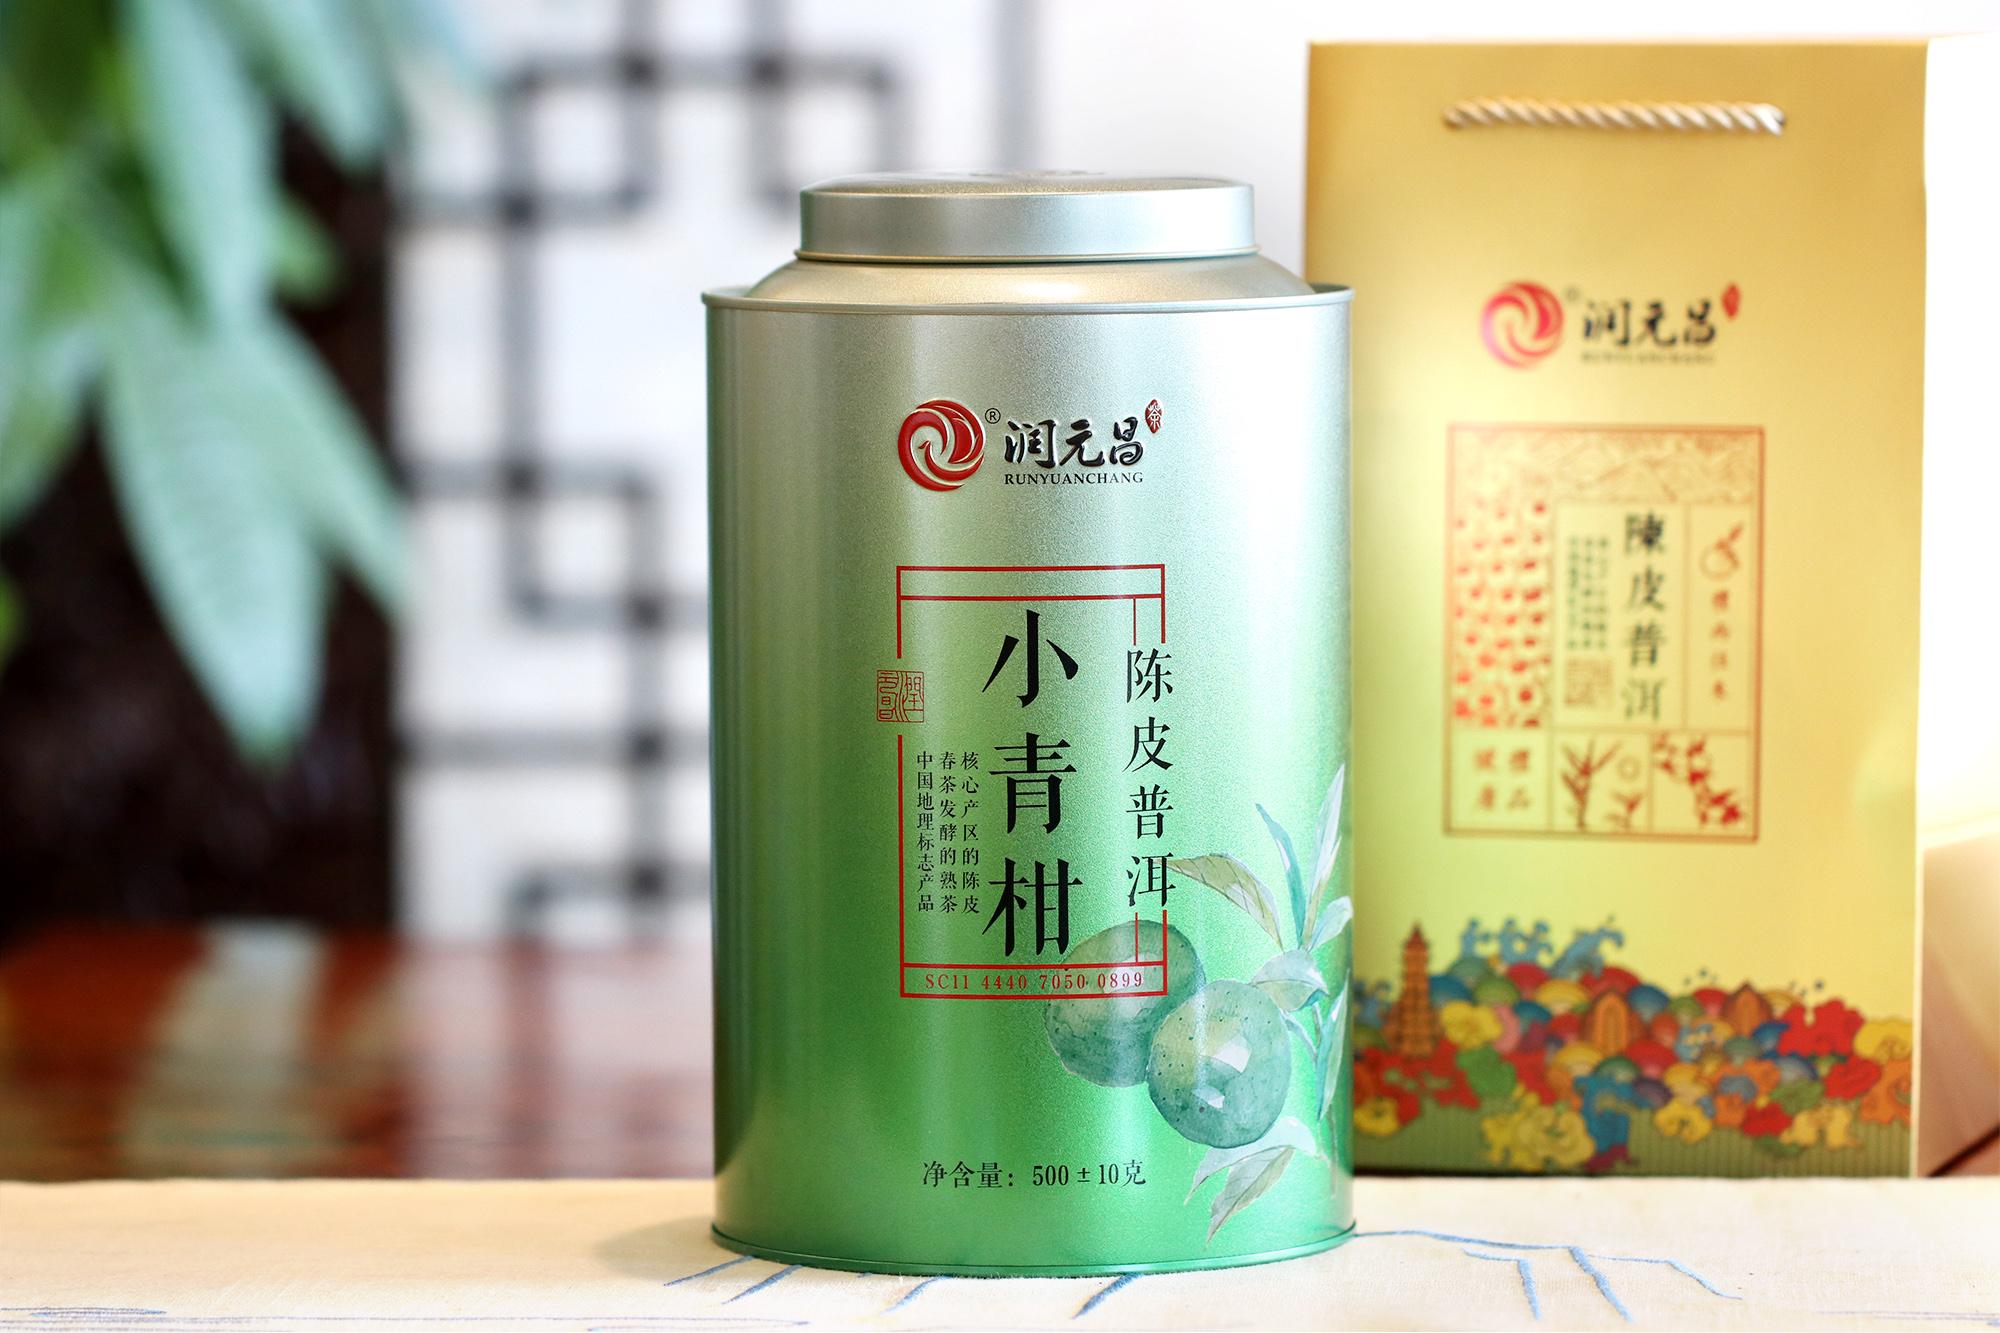 润元昌2016陈皮普洱小青柑-500克清香型01